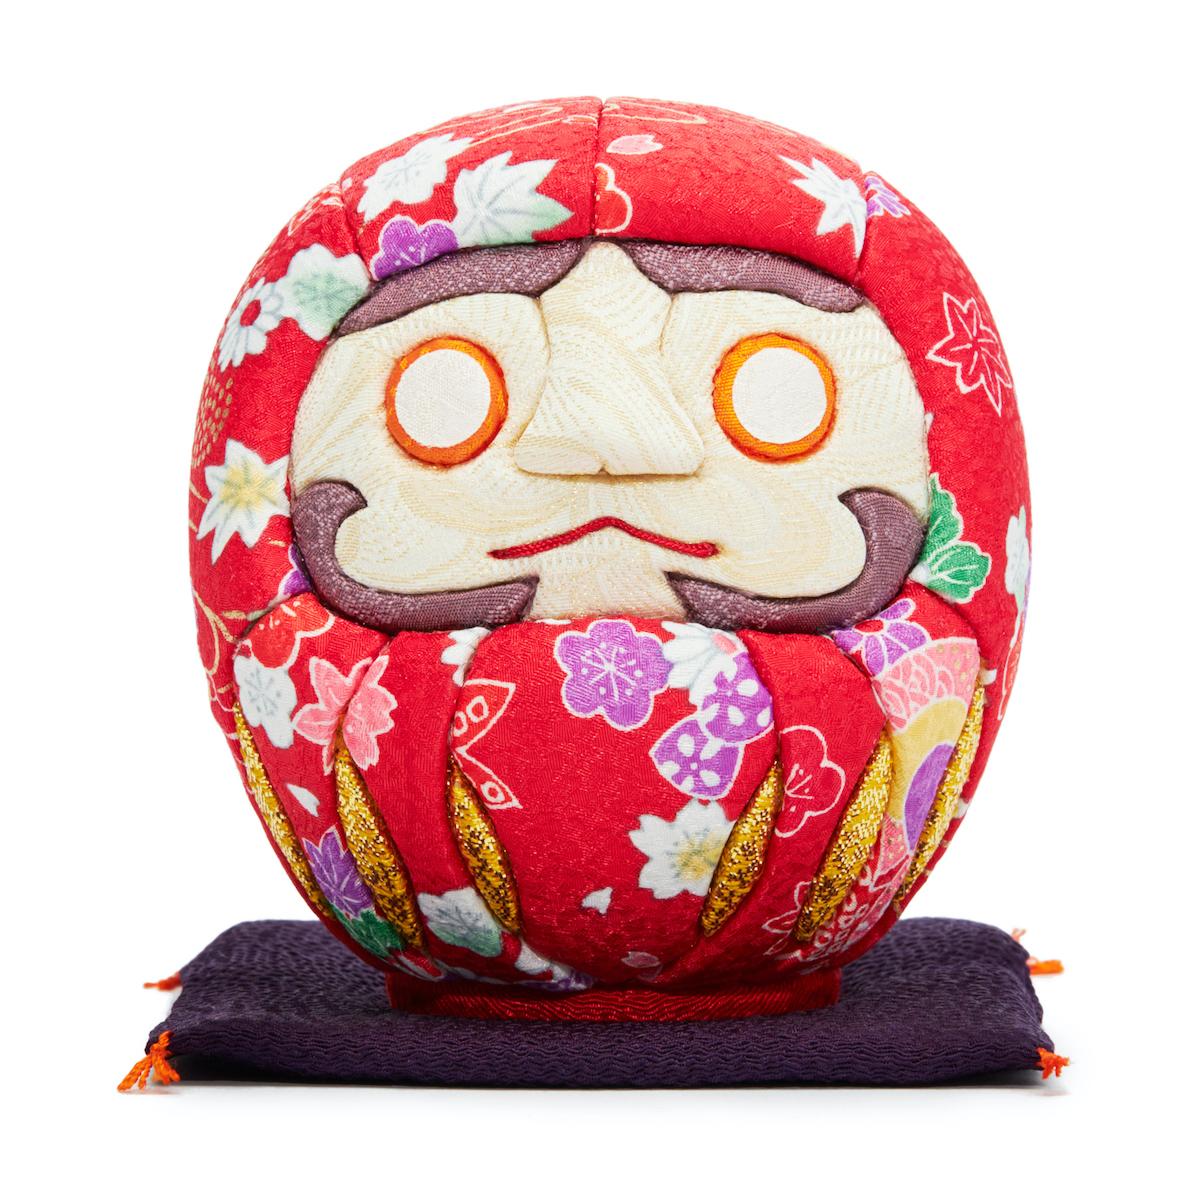 伝統の木目込み技術とモダンデザインが出逢った願掛けだるま 西陣織り 紅白|柿沼人形